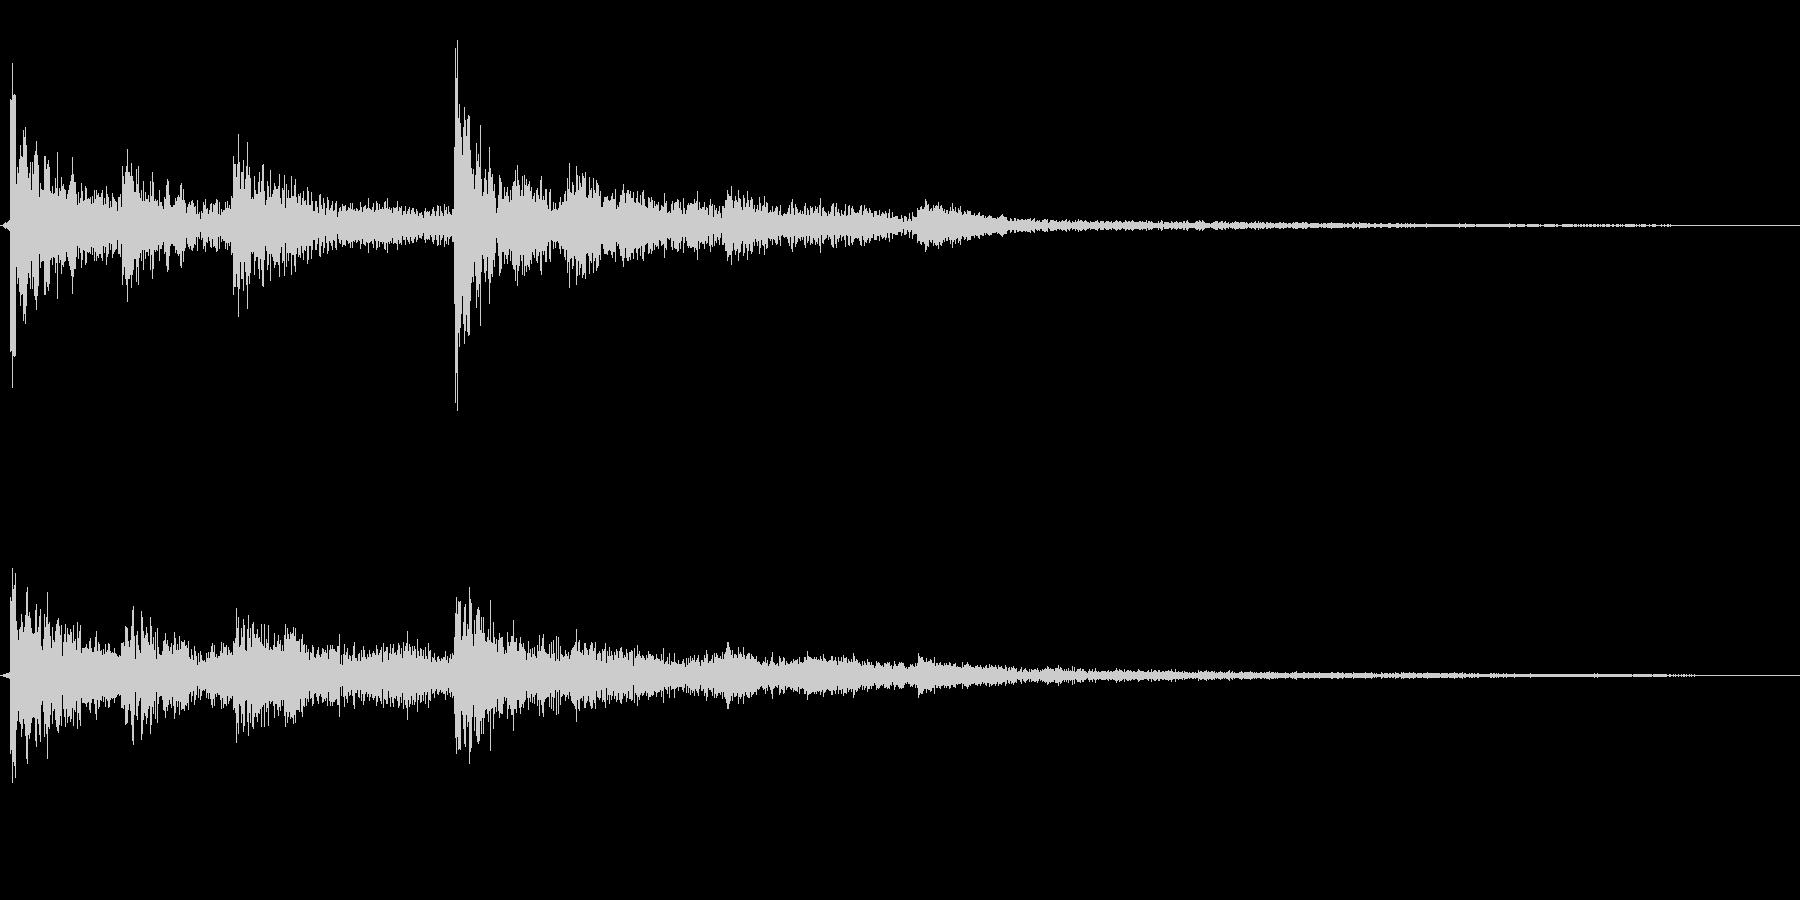 和風クリック音源ワンポイント効果音の未再生の波形